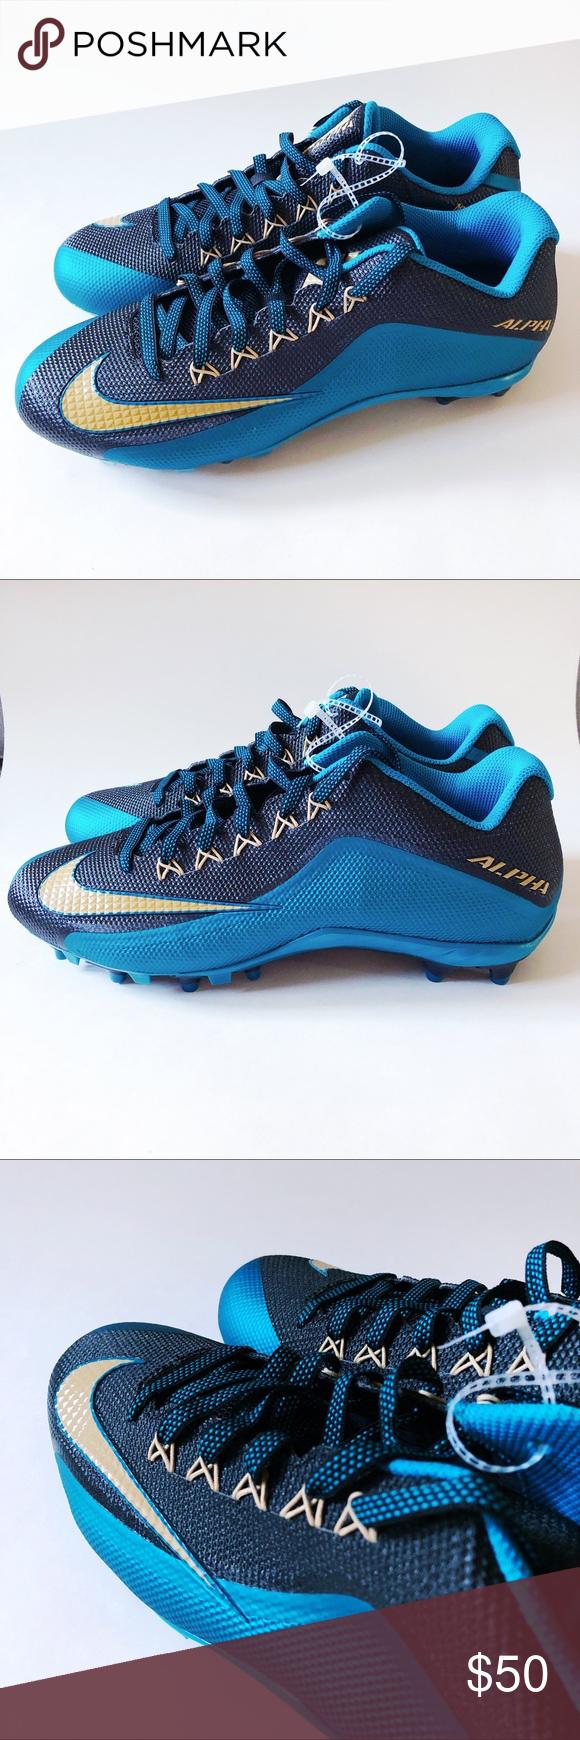 dc75610b80c2 Nike Alpha Pro 2 3 4 TD PF MENS FOOTBALL CLEATS Brand new